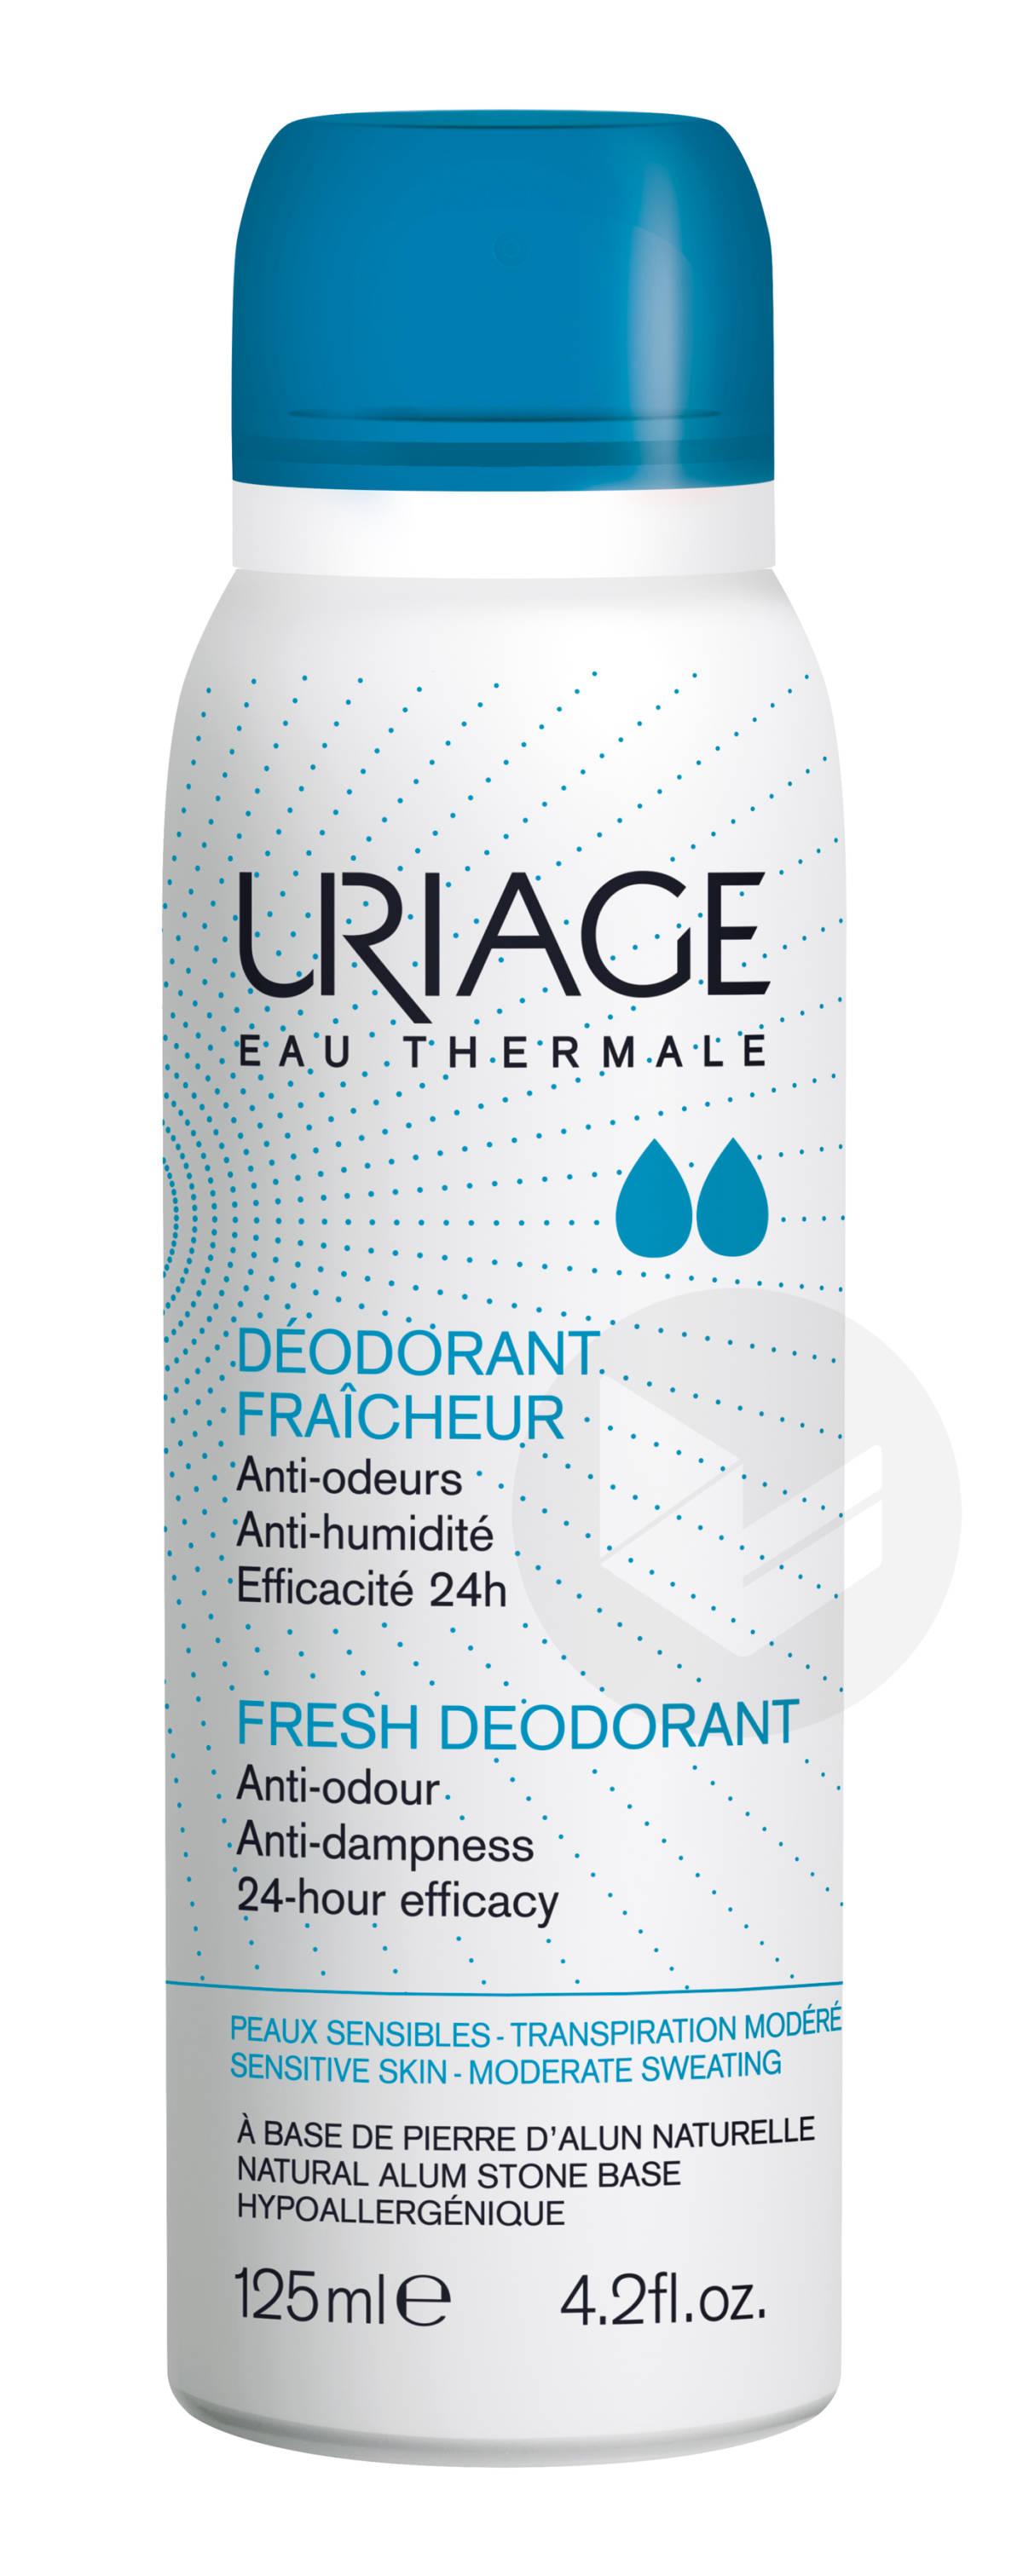 Deodorant Fraicheur 125 Ml